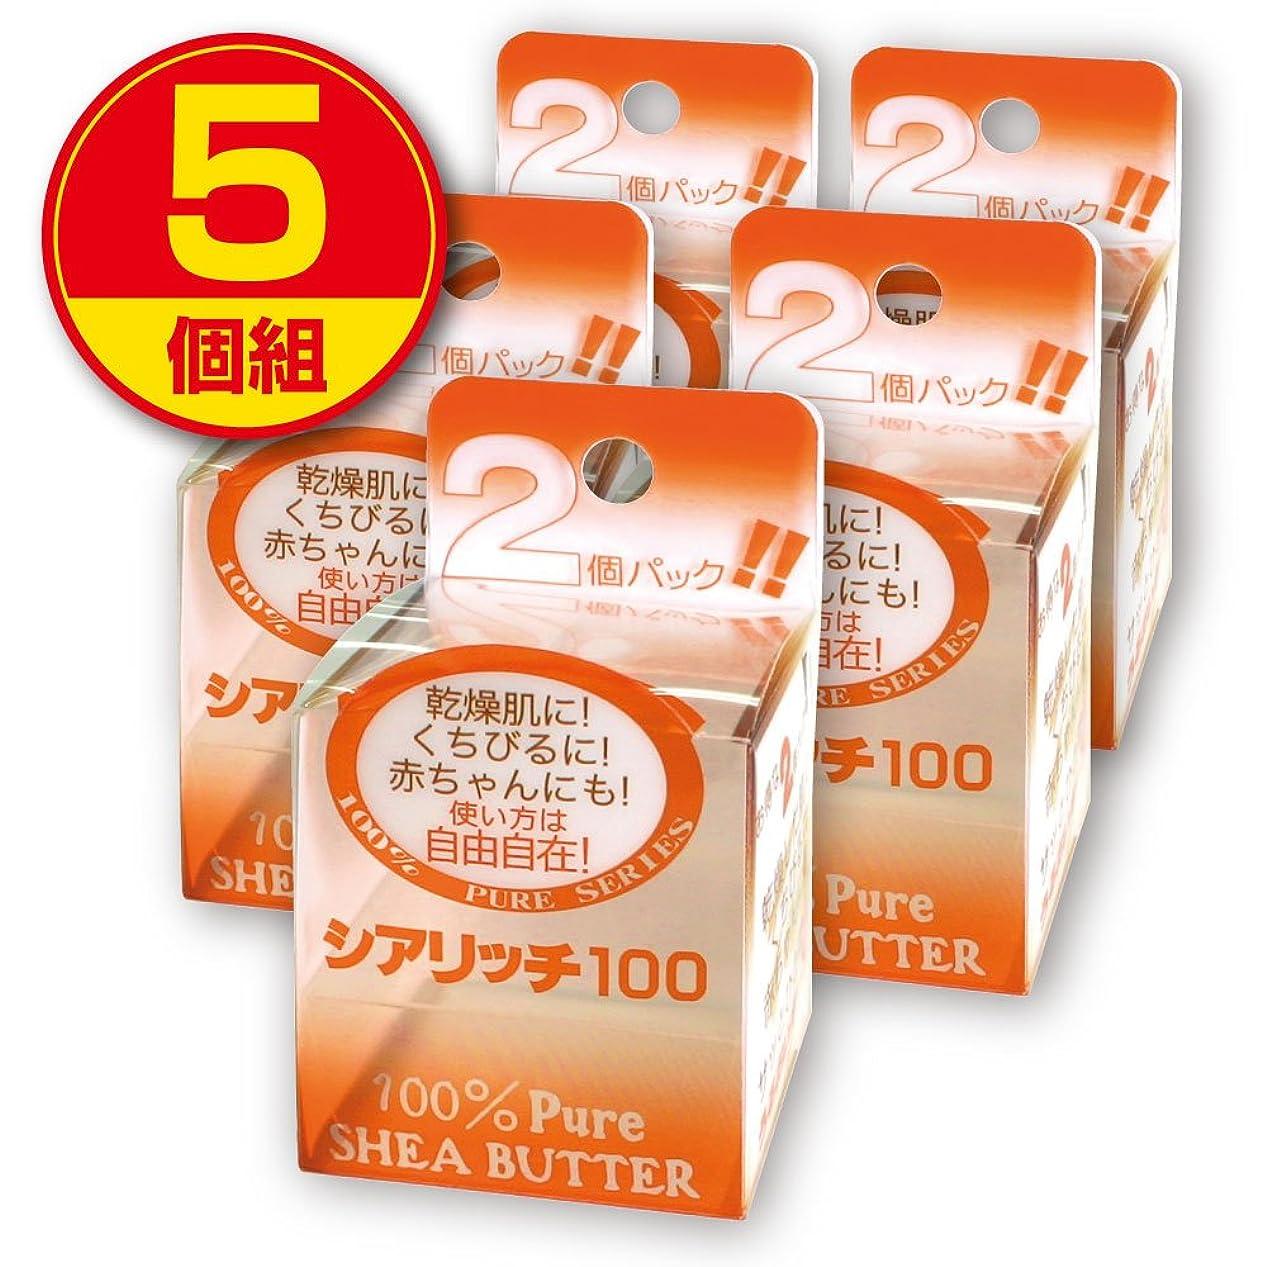 半径リンケージくびれた日本天然物研究所 シアリッチ100 (8g×2個入り)【5個組】(無添加100%シアバター)無香料